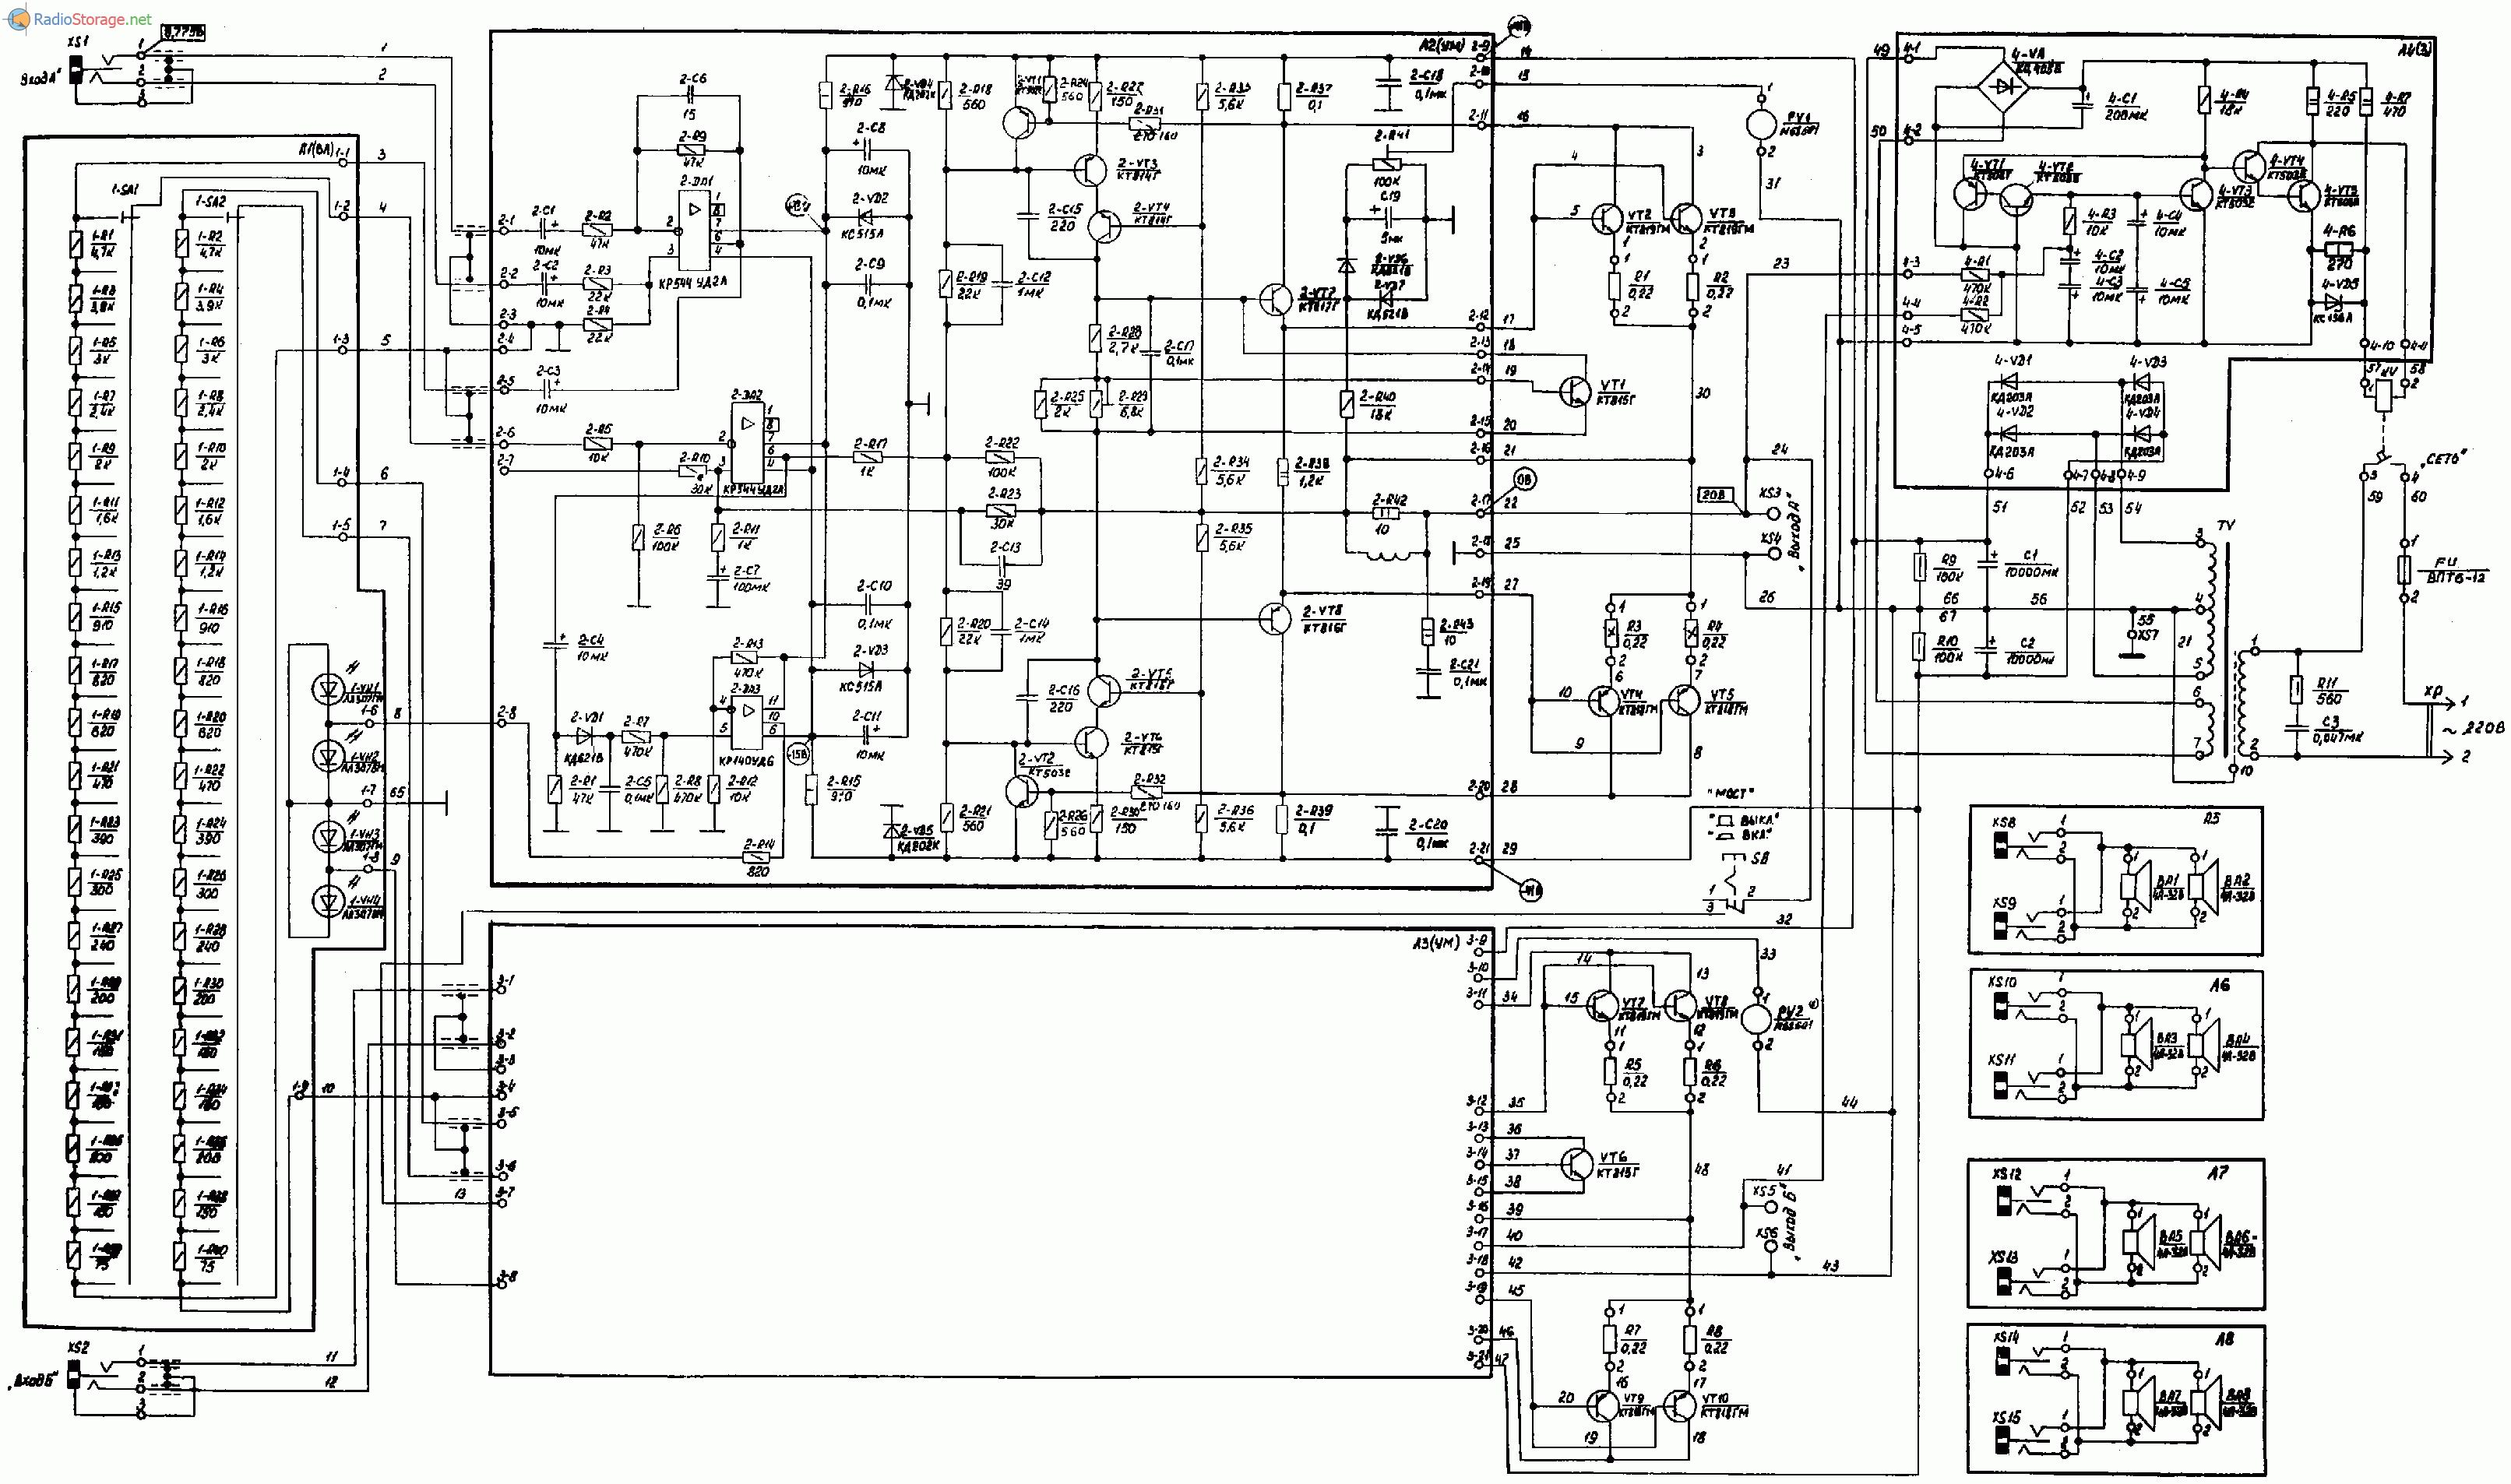 Усилитель мощности Сигма 200, схема